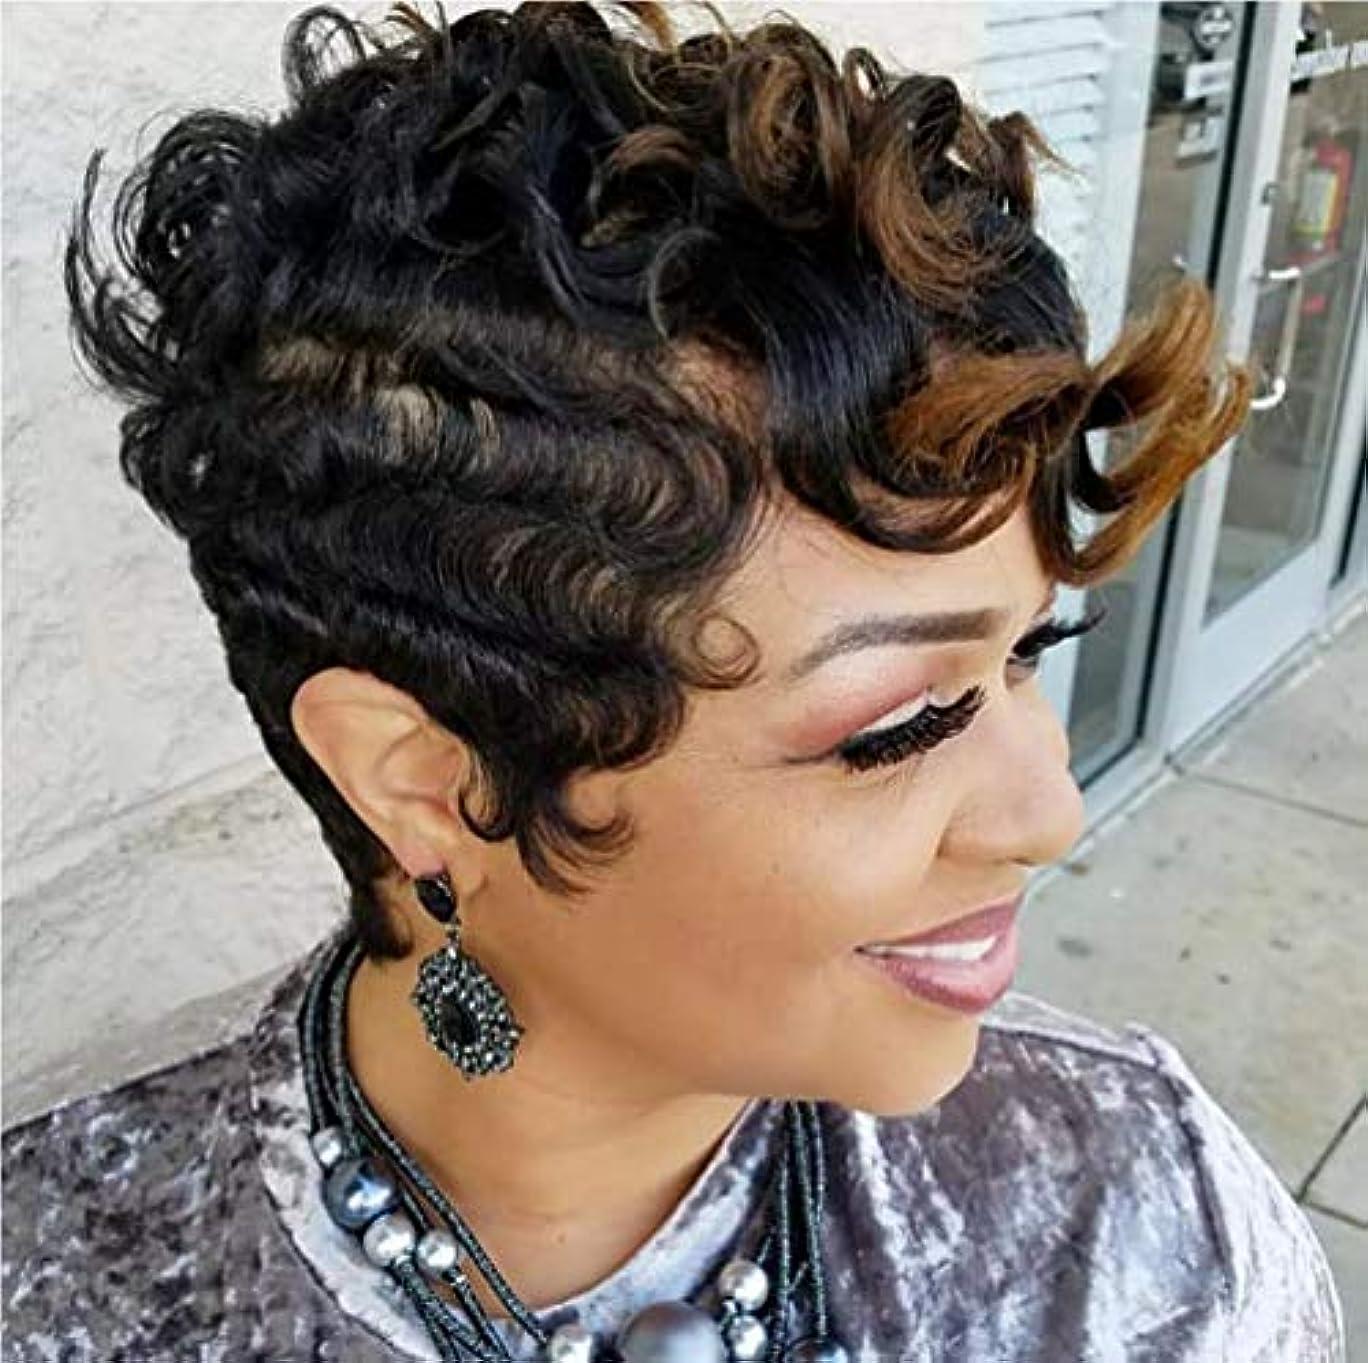 血統ディベートすばらしいです女性ブラジル人毛ウィッグ合成カーリーウェーブヘアショートアフロカーリー爆発ヘッド180%密度15 cm